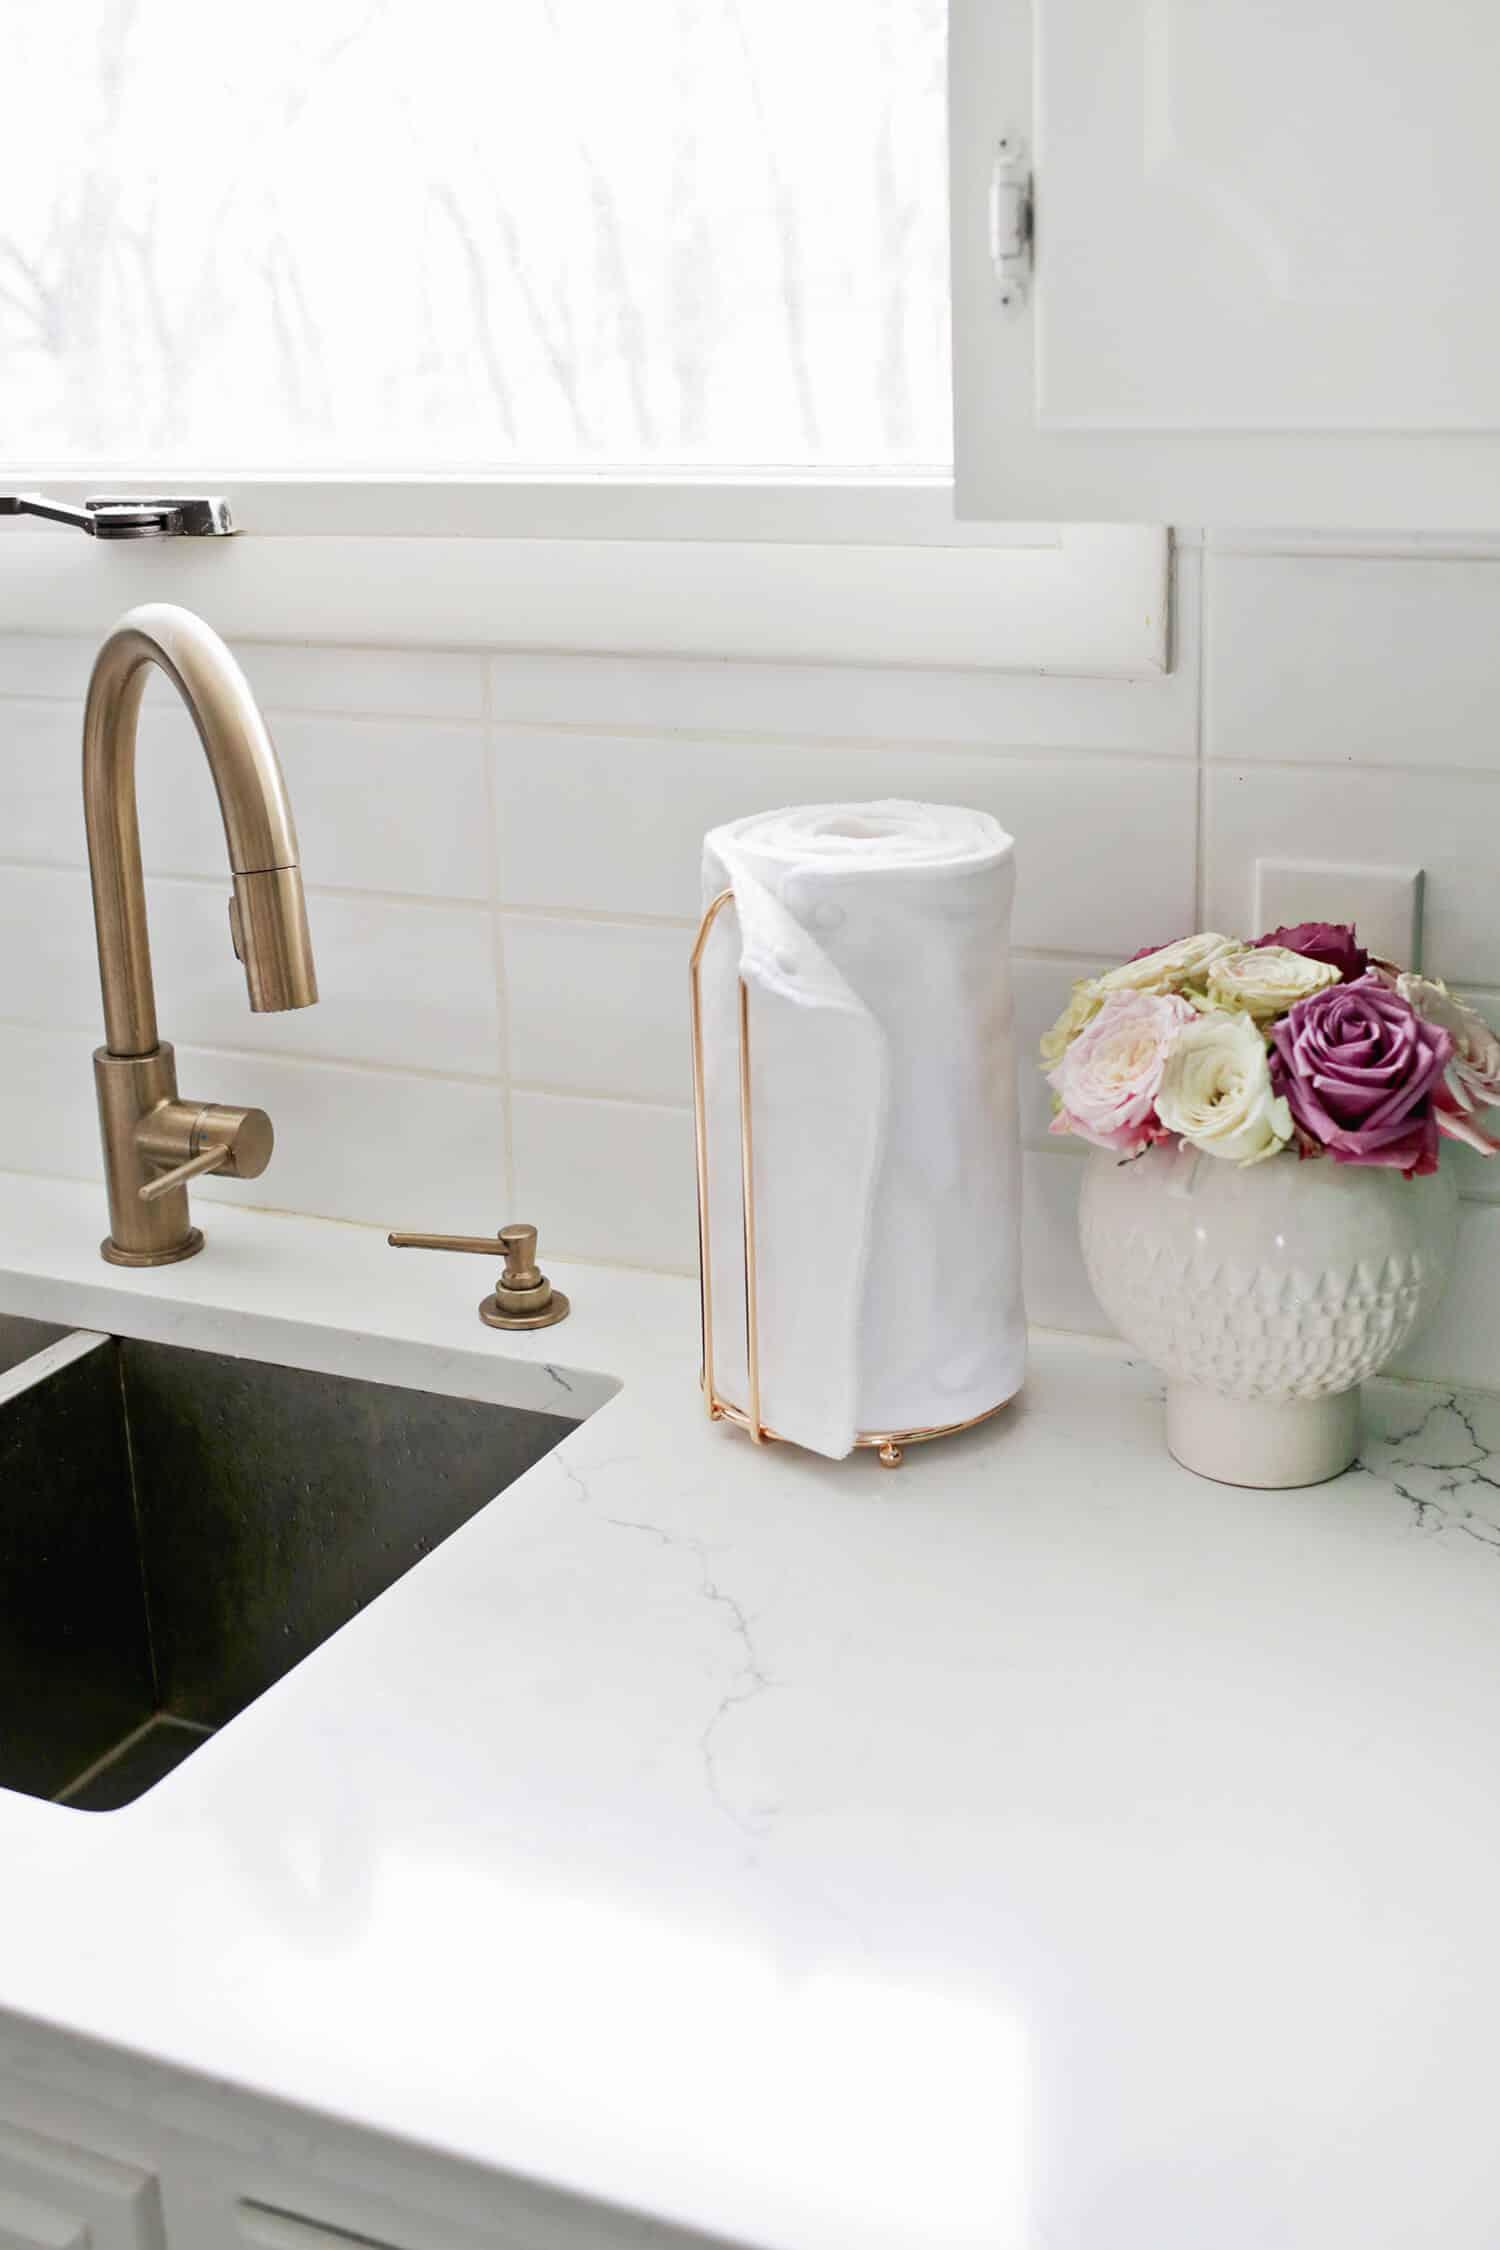 Decoração com flores: vasinho branco de cerâmica com rosas